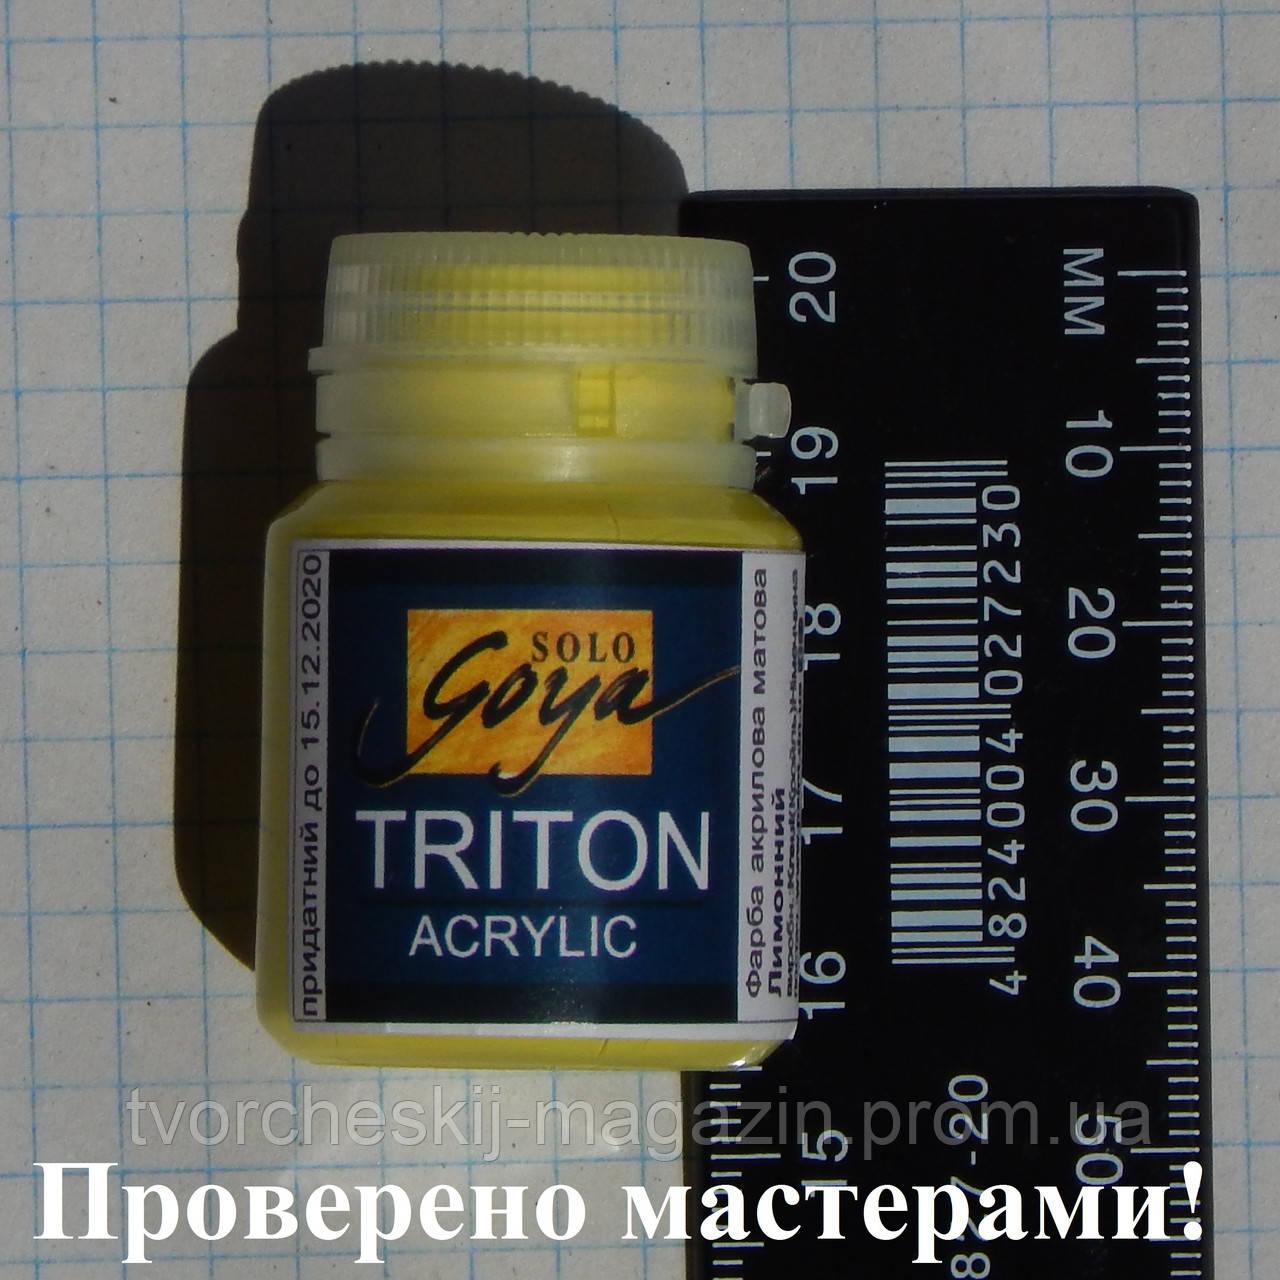 """Краска акриловая художественная матовая Solo Goya"""" Triton 20мл, Лимонный"""